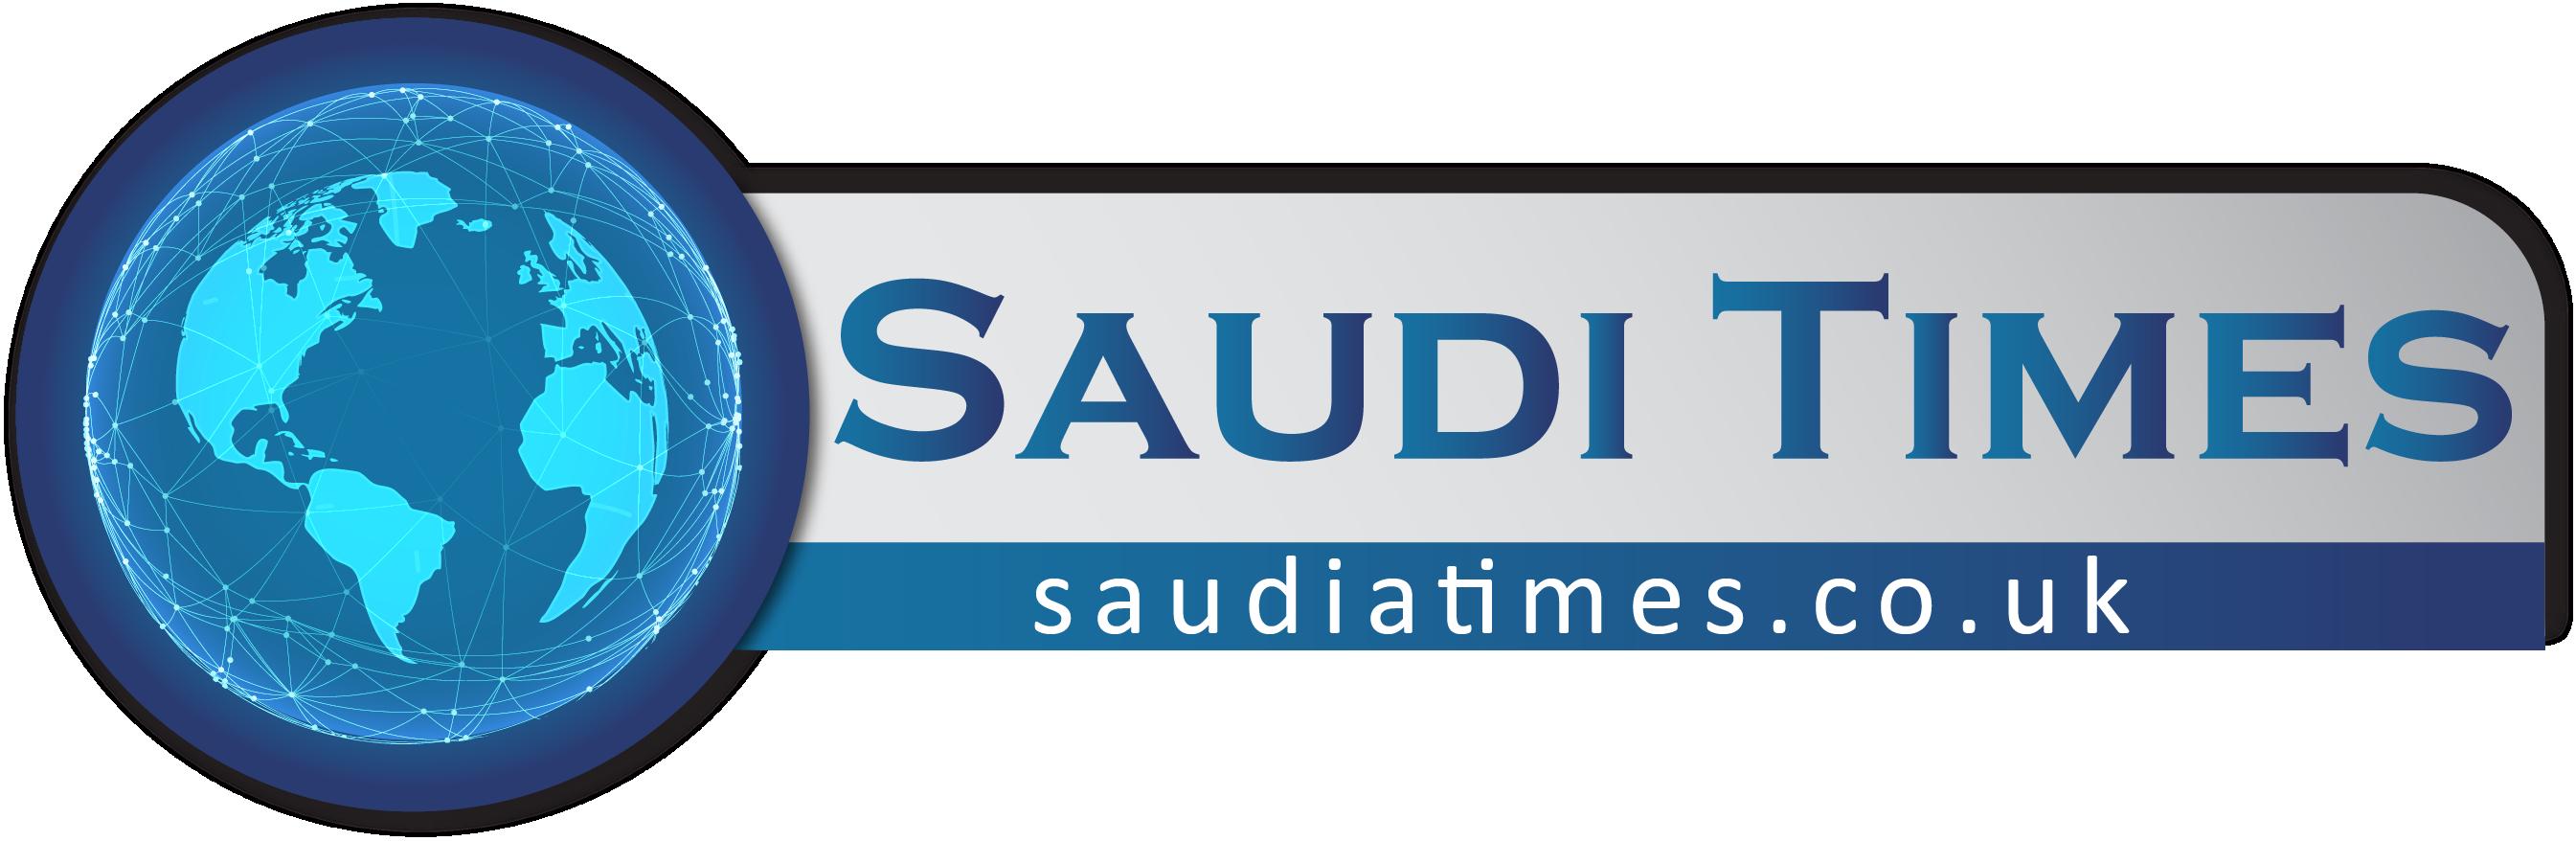 The Saudi Times